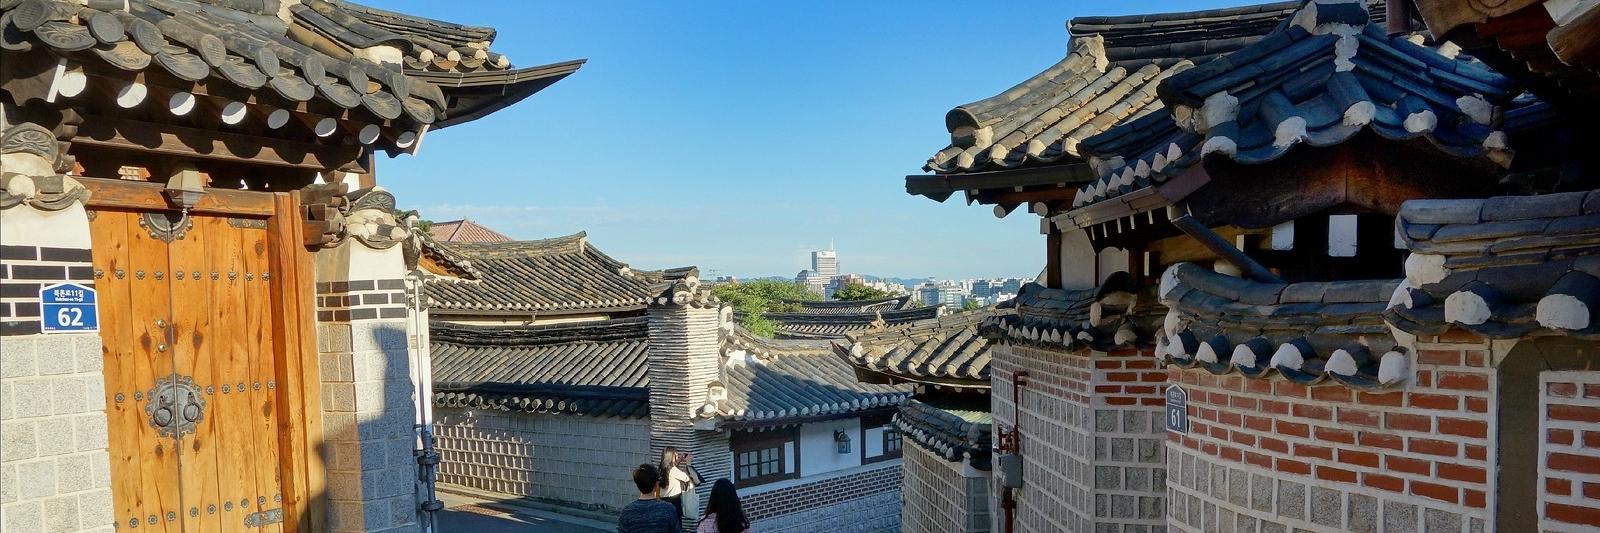 http://gody.vn/blog/nhu.bach7672/post/5-ngoi-lang-co-dep-nhu-co-tich-tai-chau-a-372